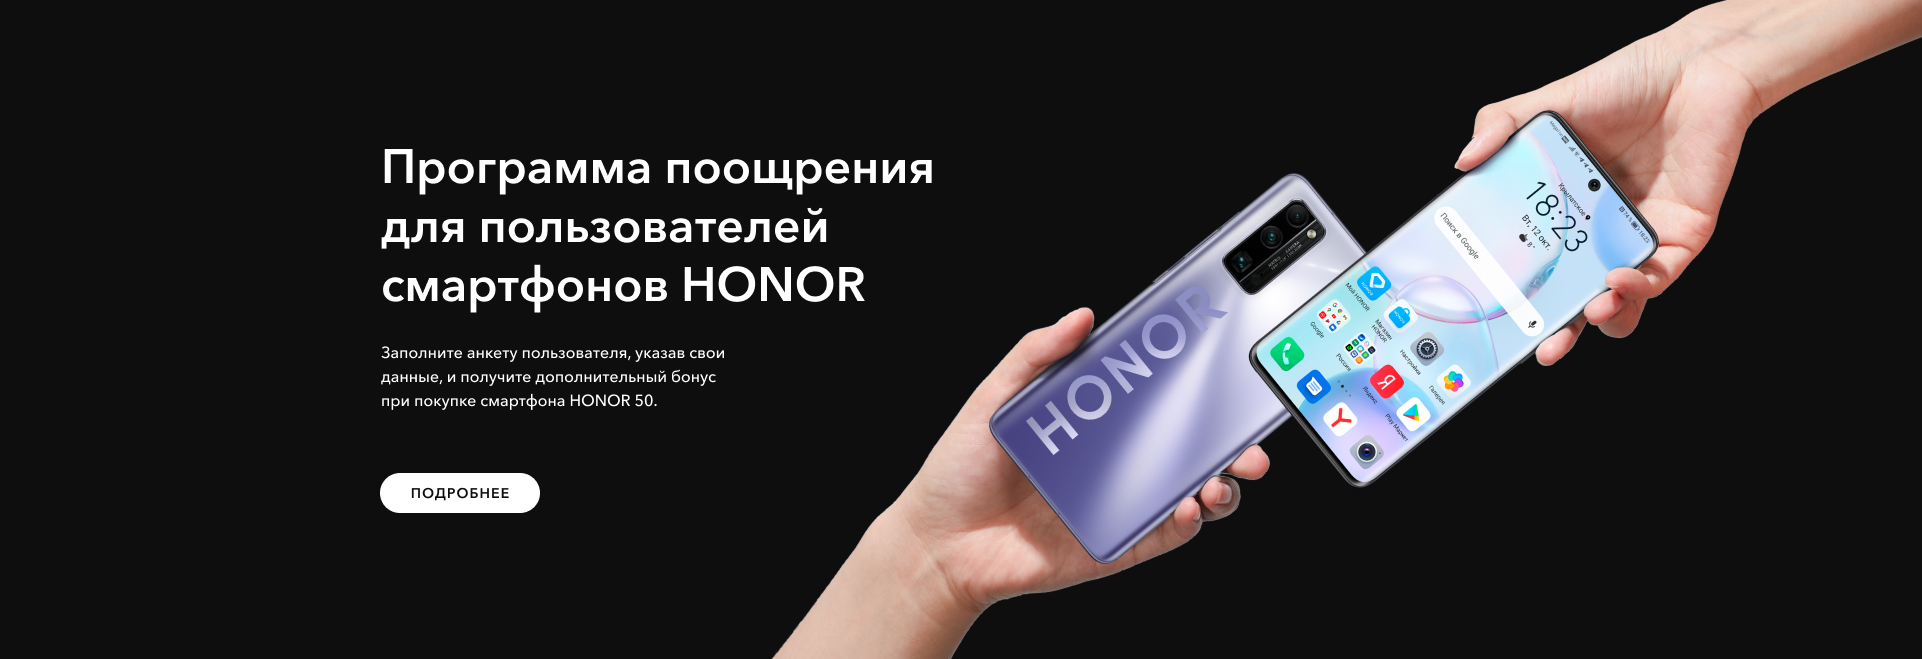 Программа поощрения для пользователей смартфонов HONOR